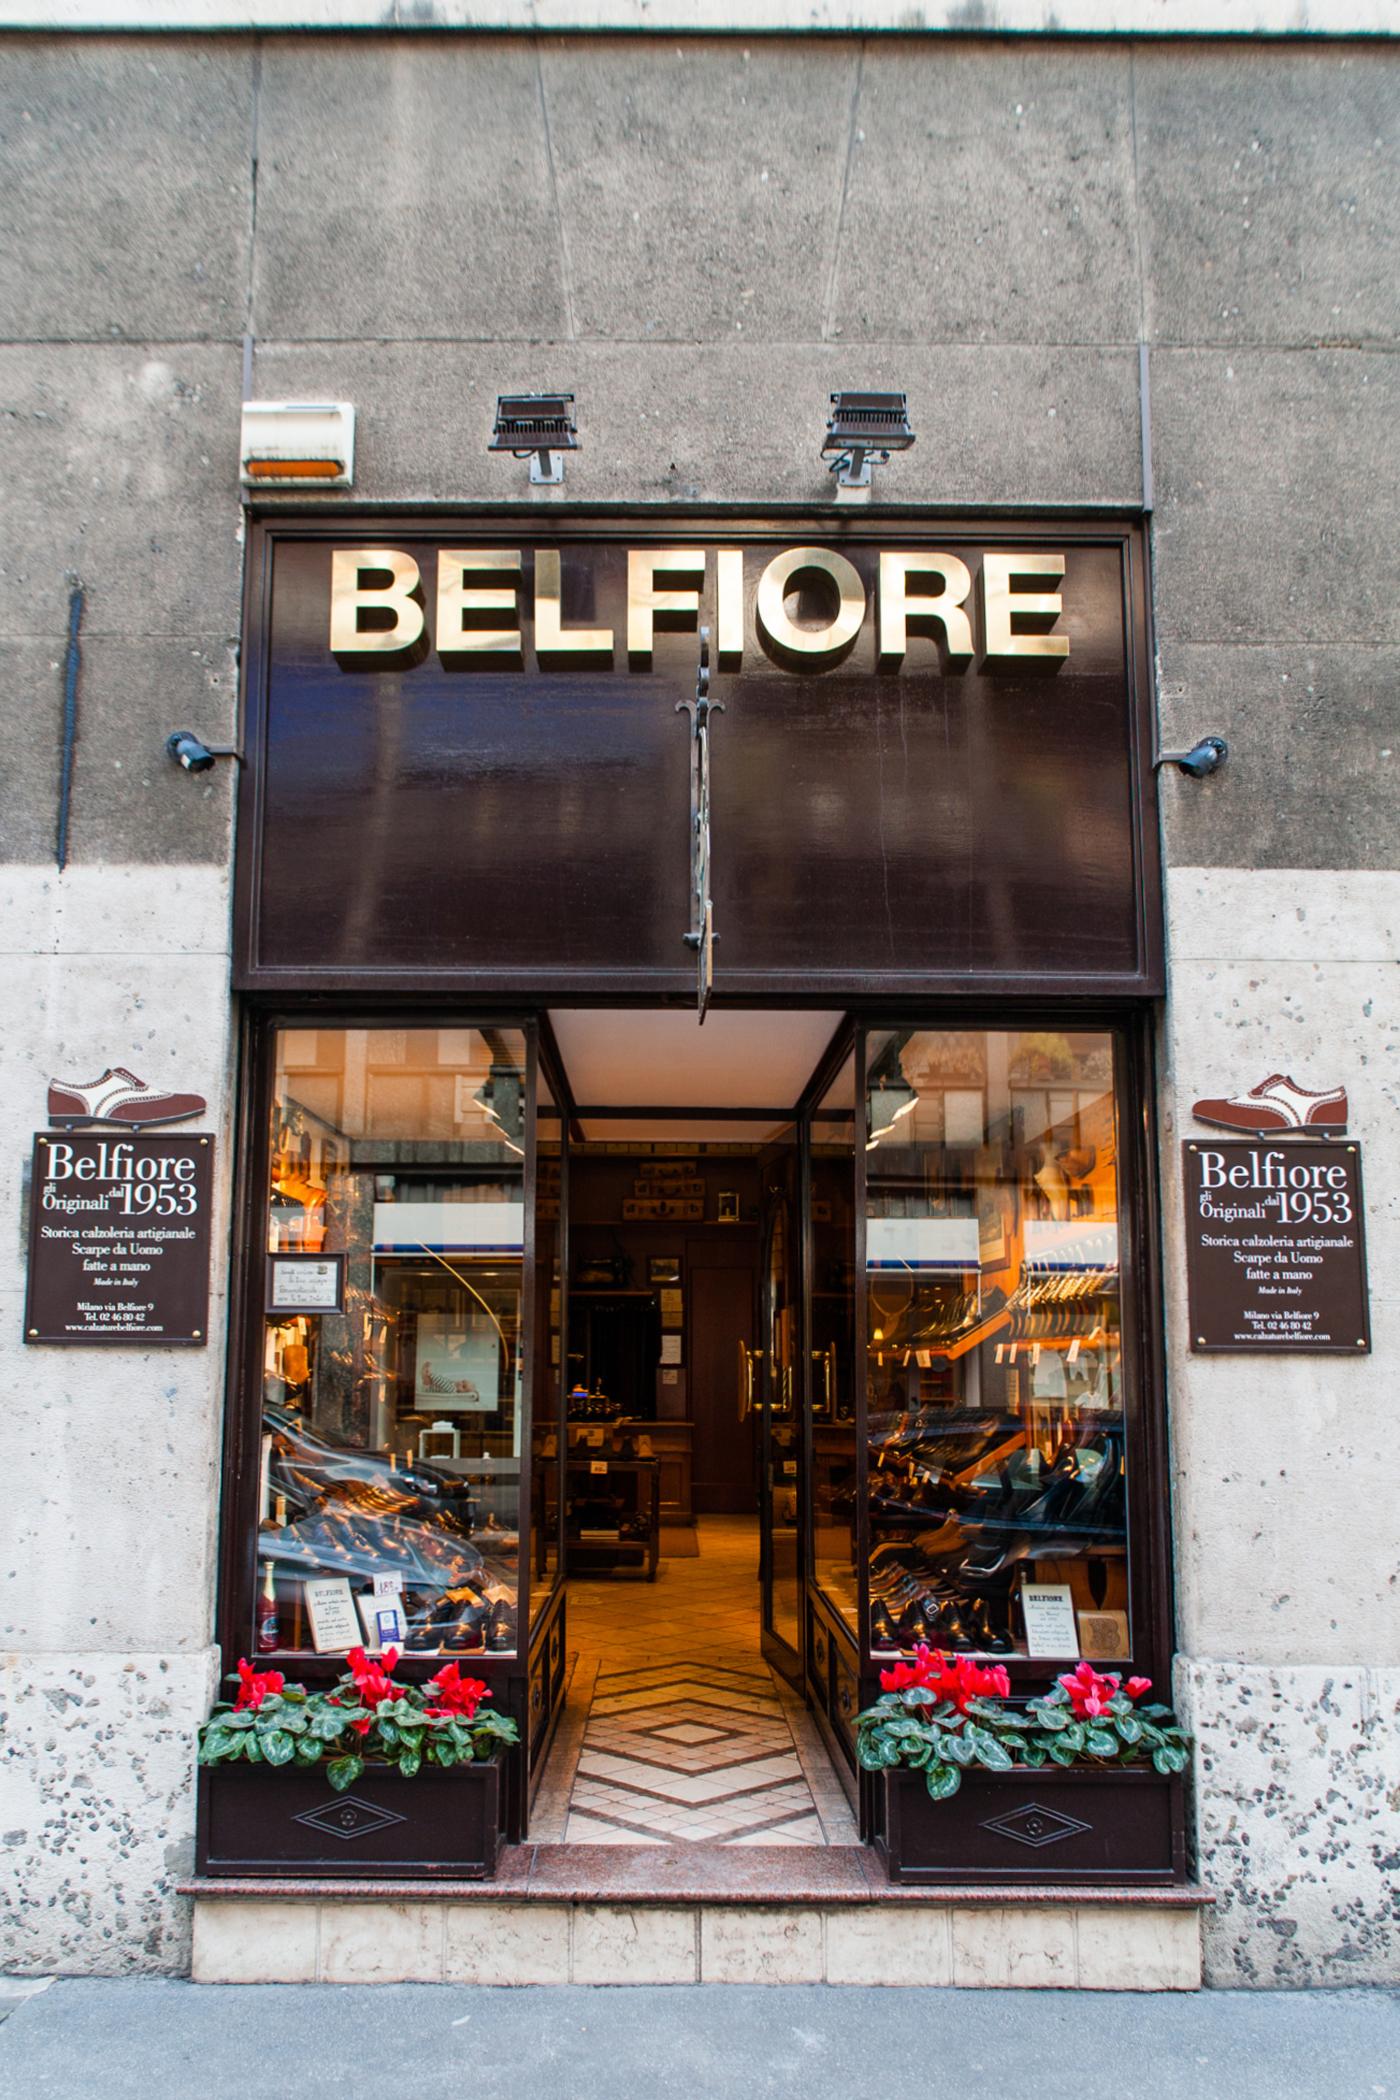 Calzature-Belfiore